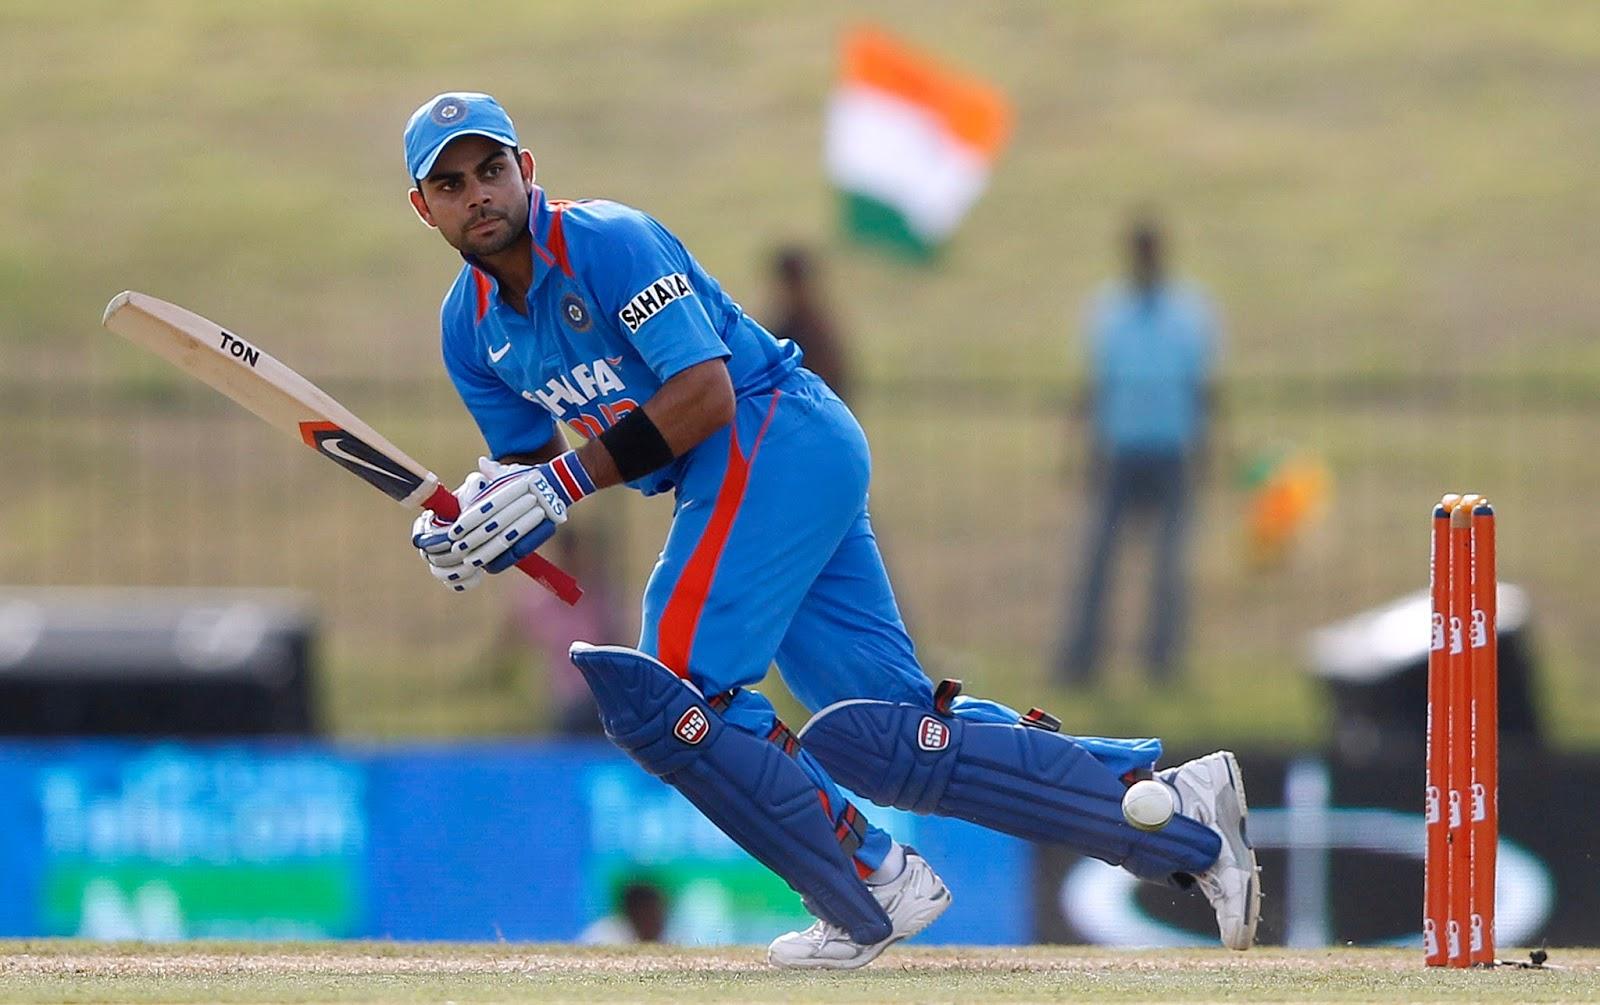 Virat Kohli Indian Cricketer 4k Ultra Hd Desktop Wallpapers Free